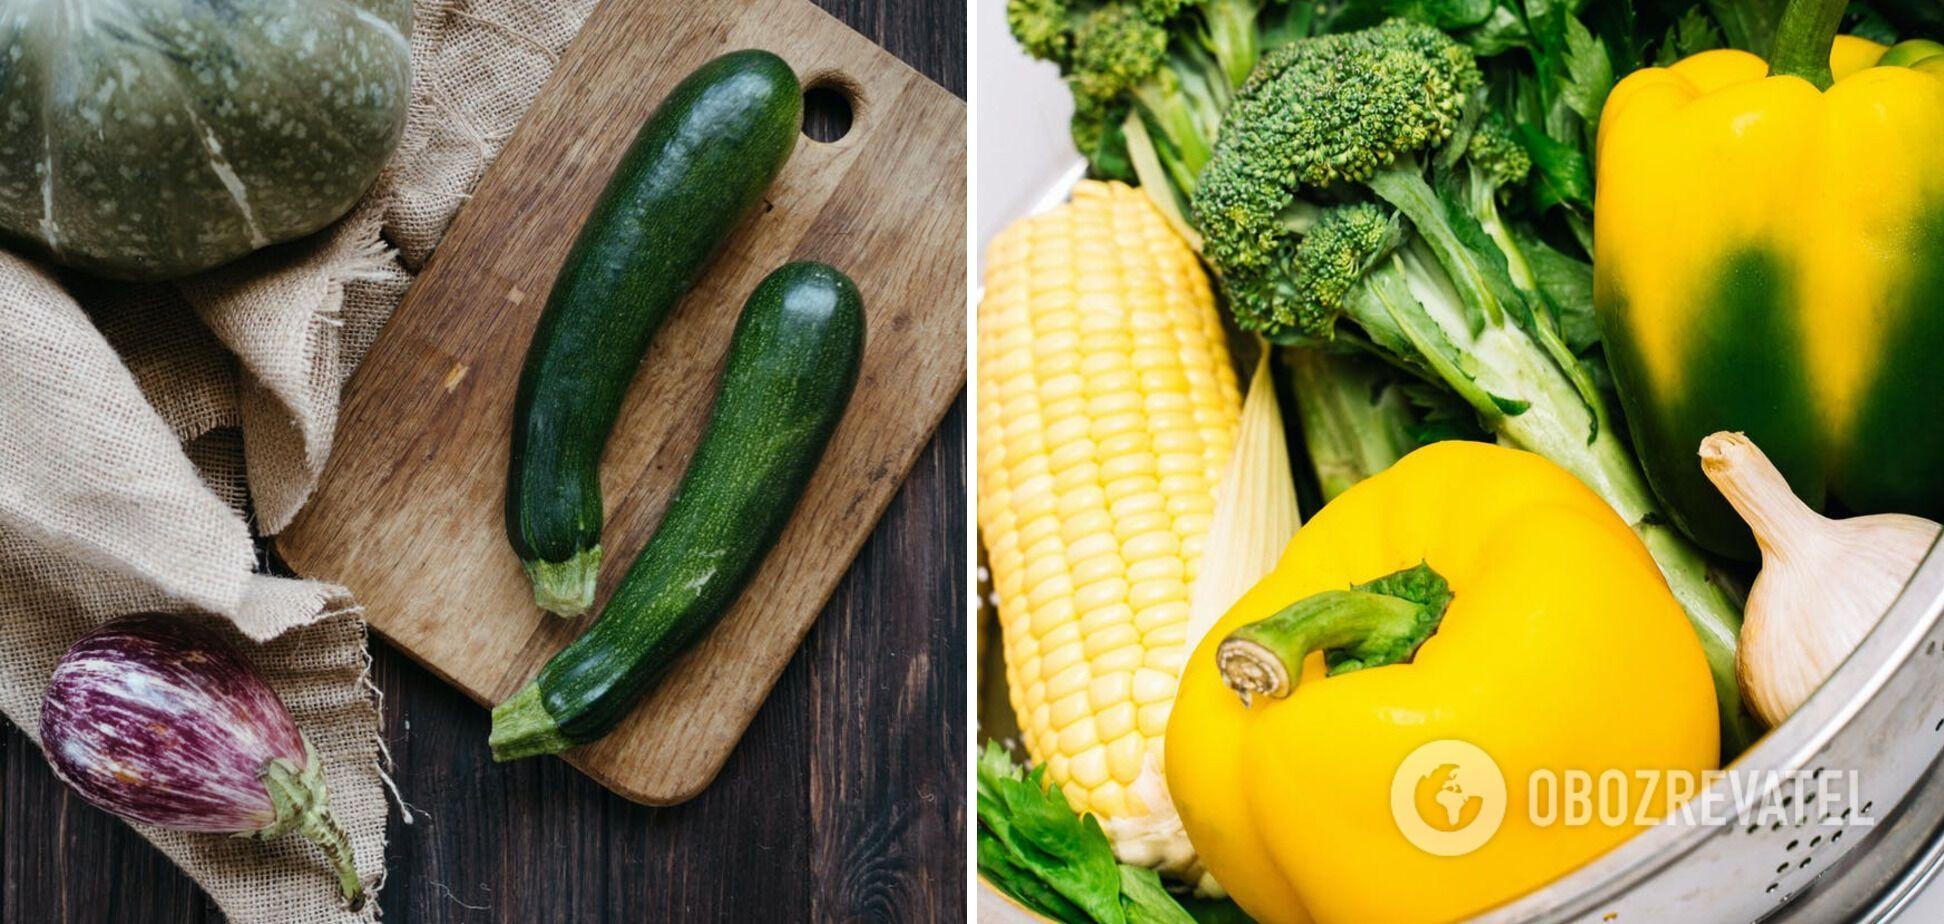 Овочі для приготування корисних страв